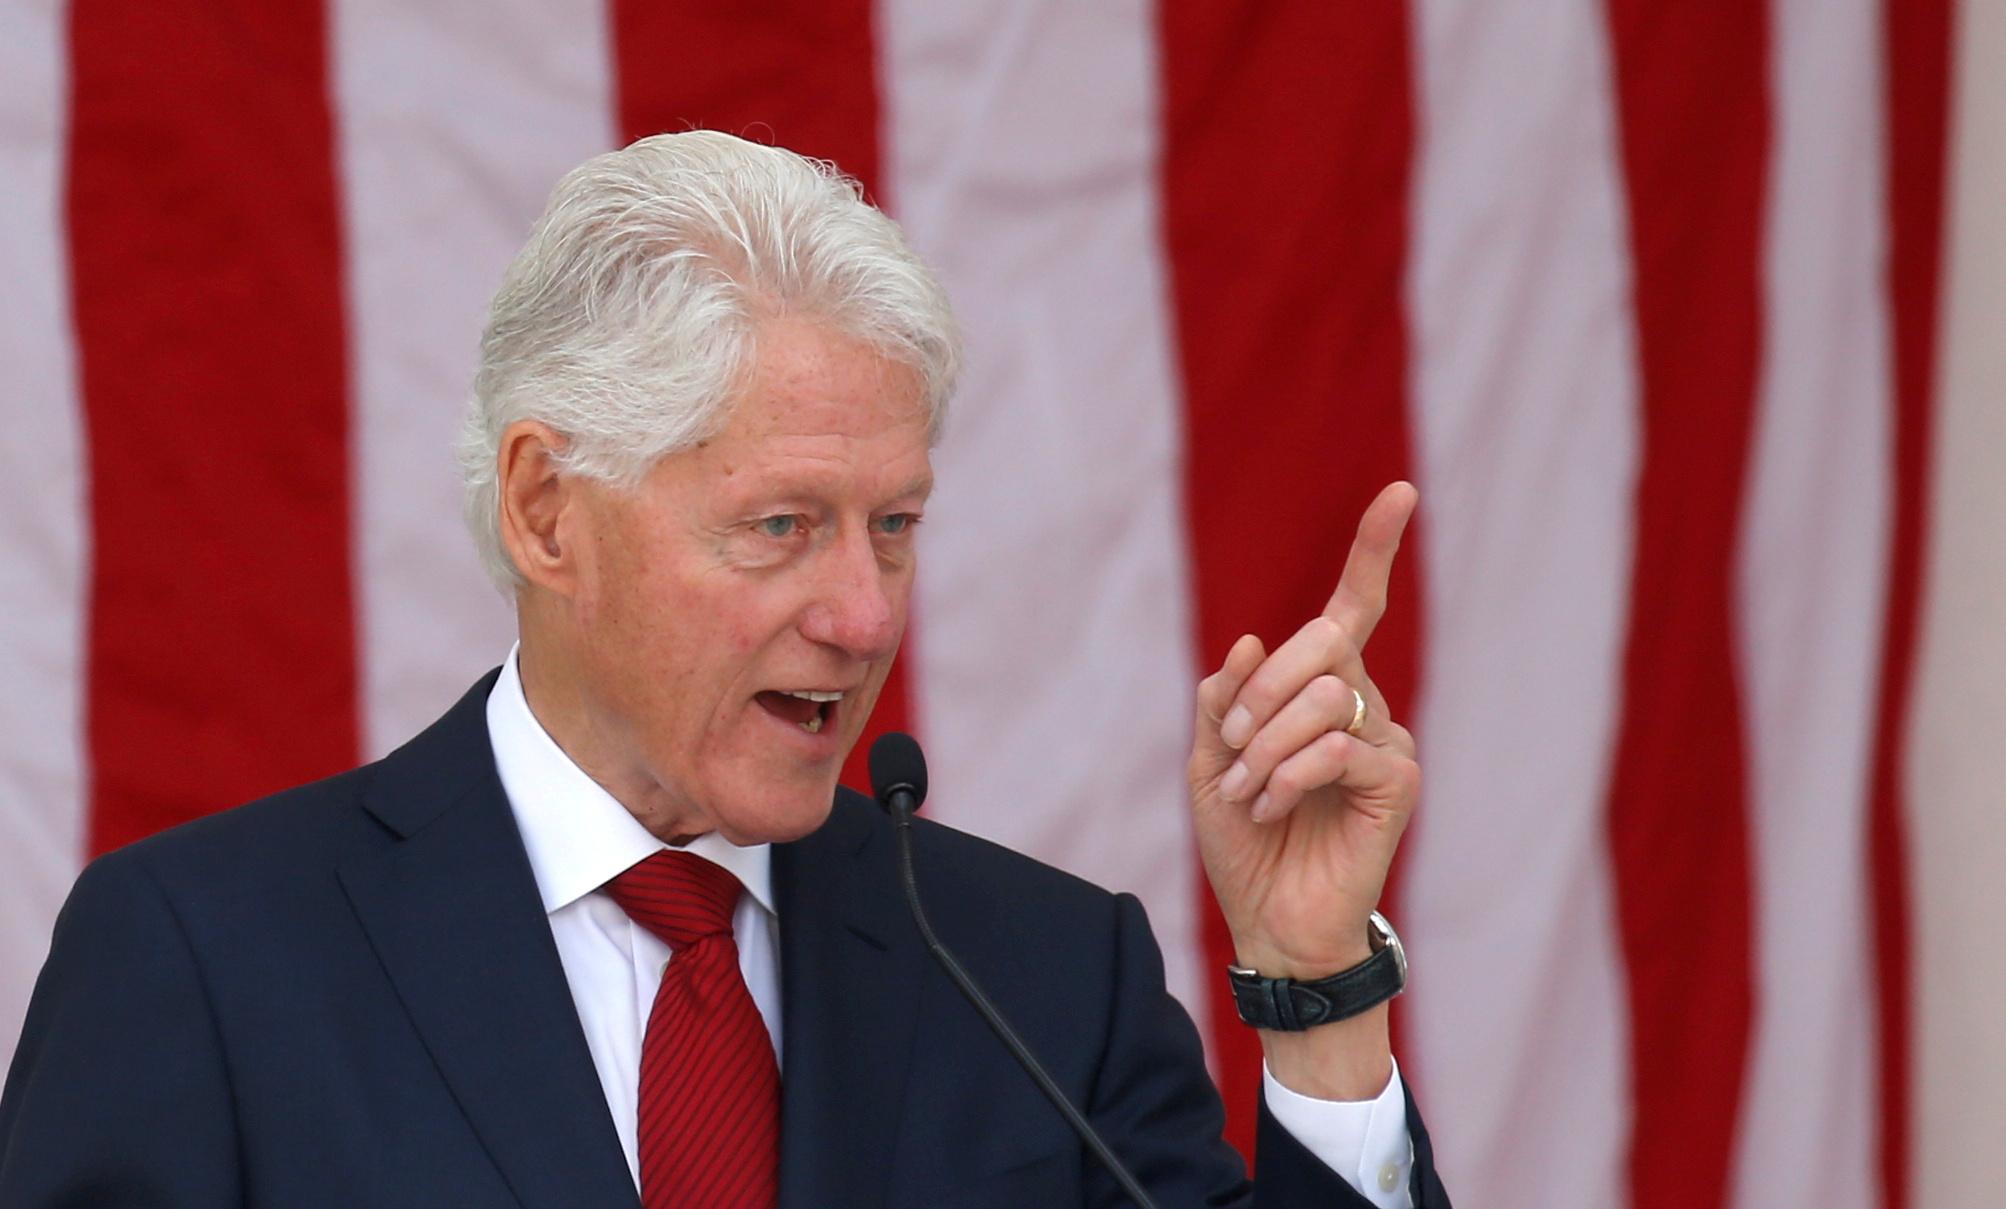 Στην Εντατική ο Μπιλ Κλίντον με «μυστήρια» μόλυνση